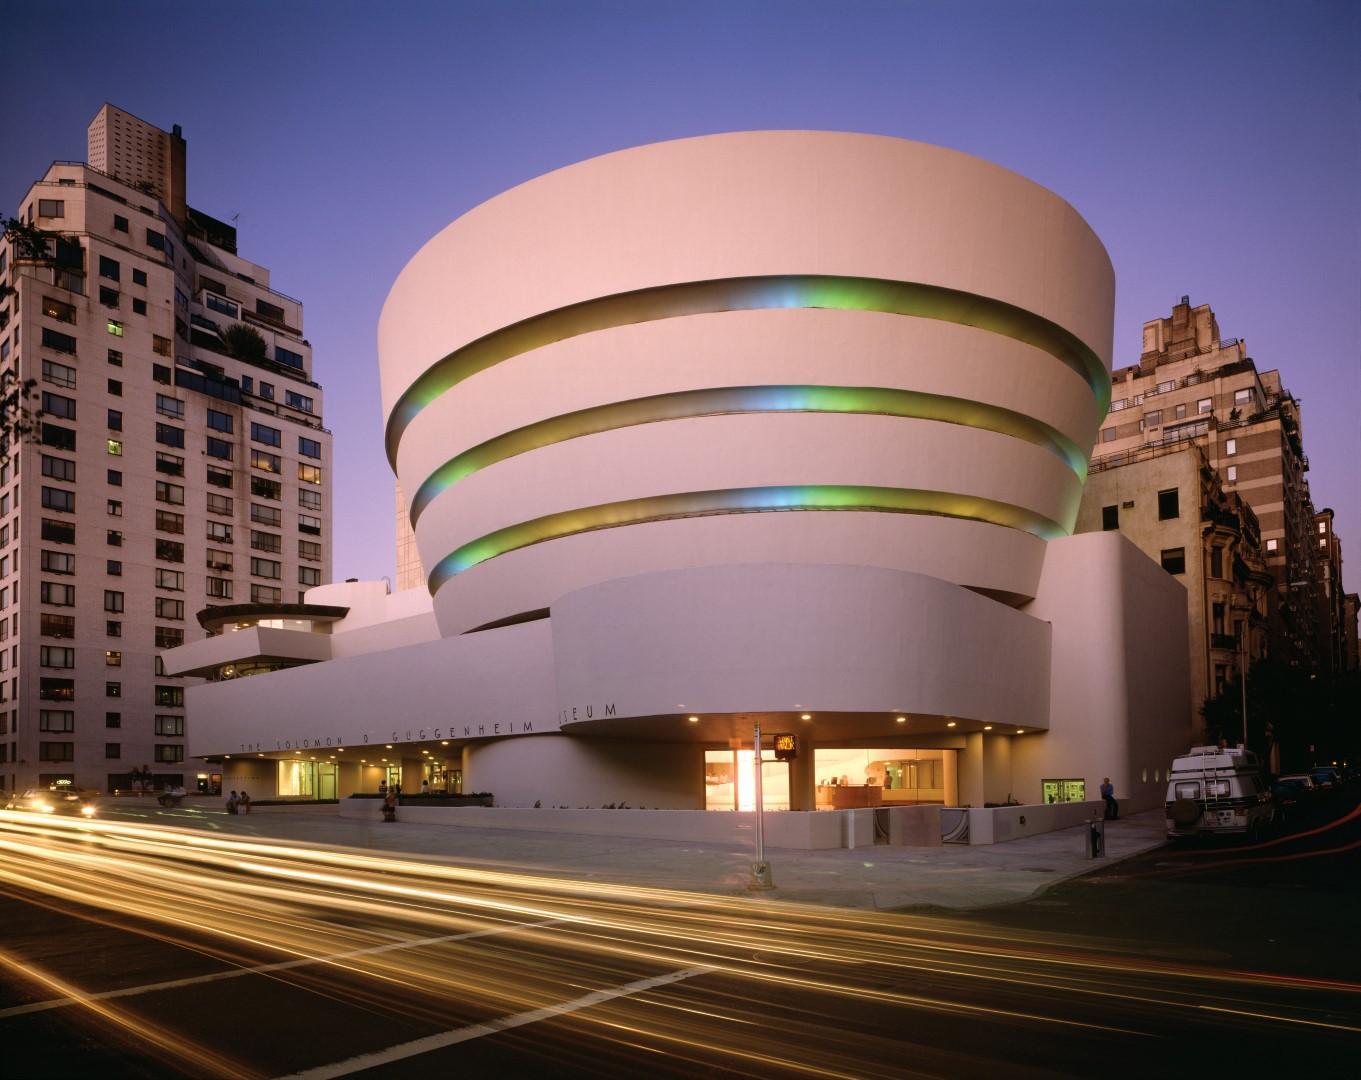 Usa e Unesco: spazi infiniti e architettura temeraria